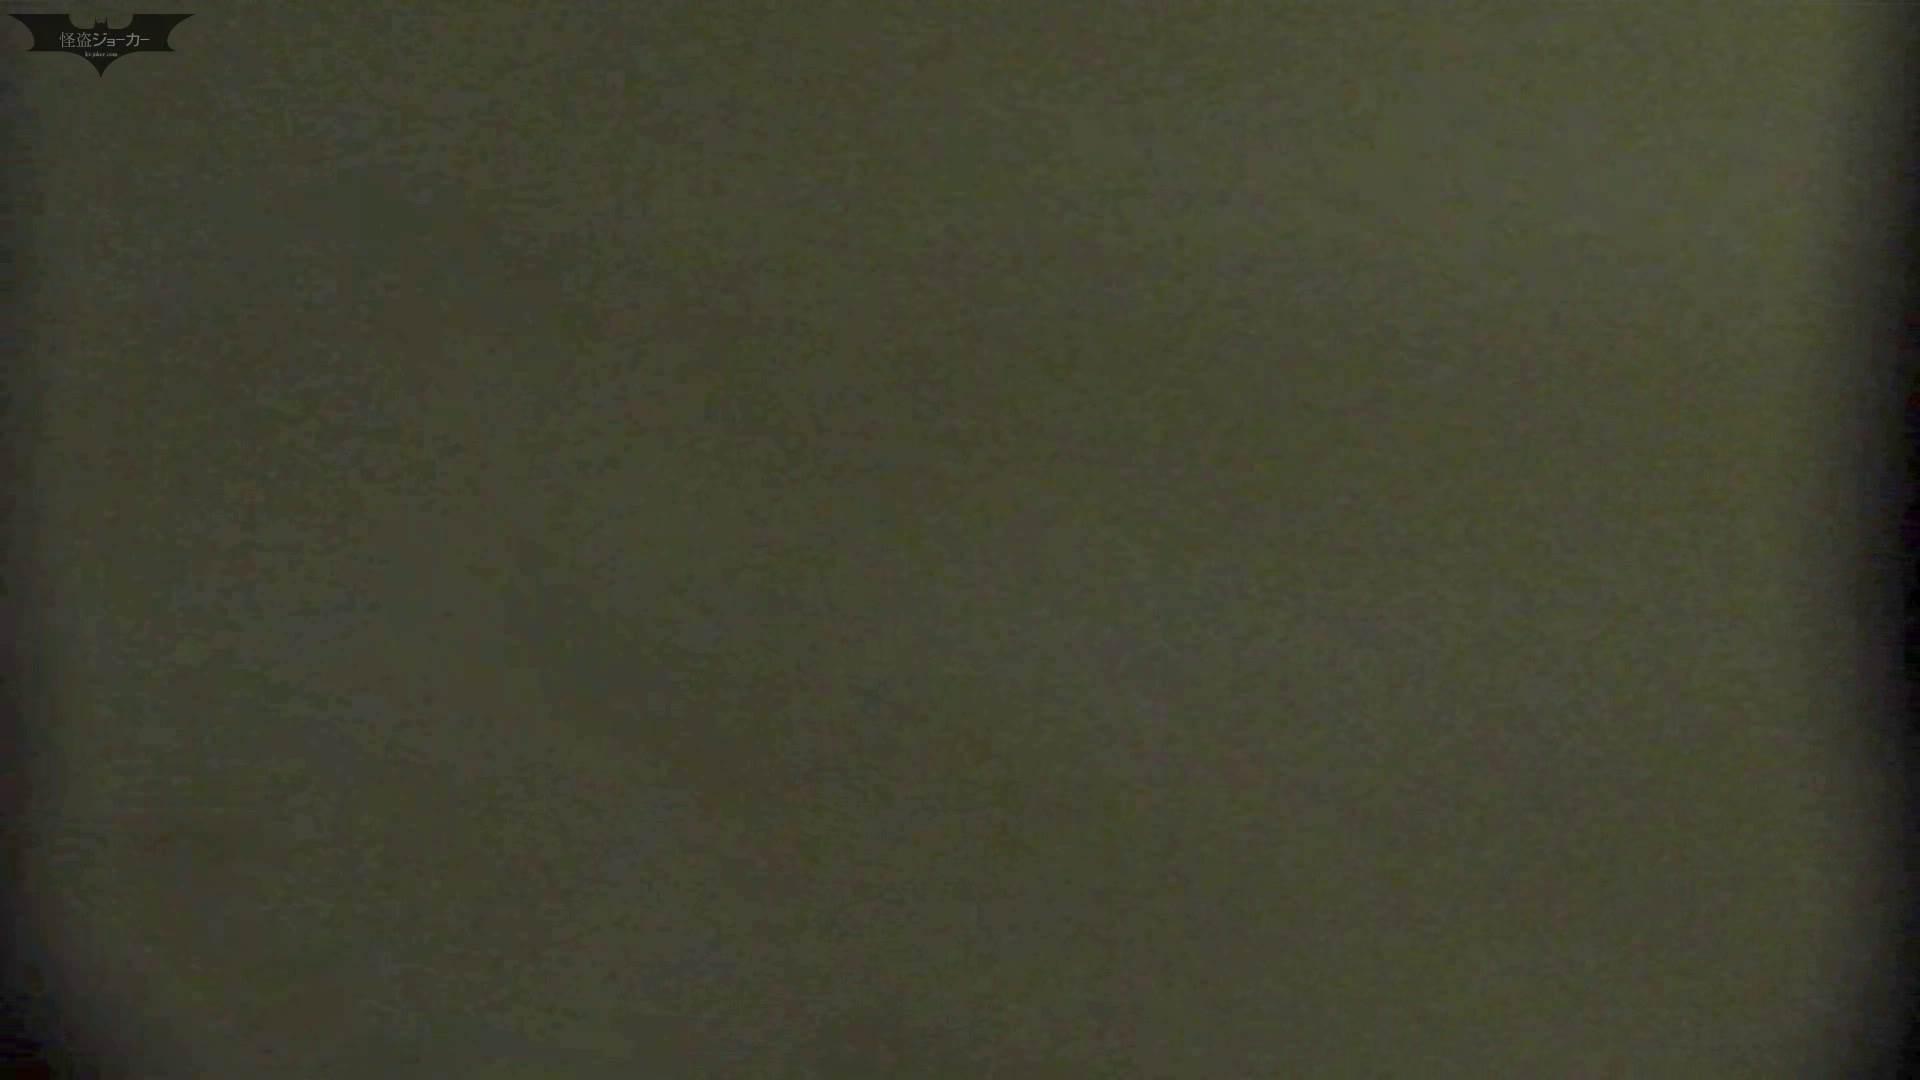 洗面所特攻隊vol.63 慌てる。「46」で登場した子【2015・20位】 お姉さんのSEX われめAV動画紹介 80枚 45